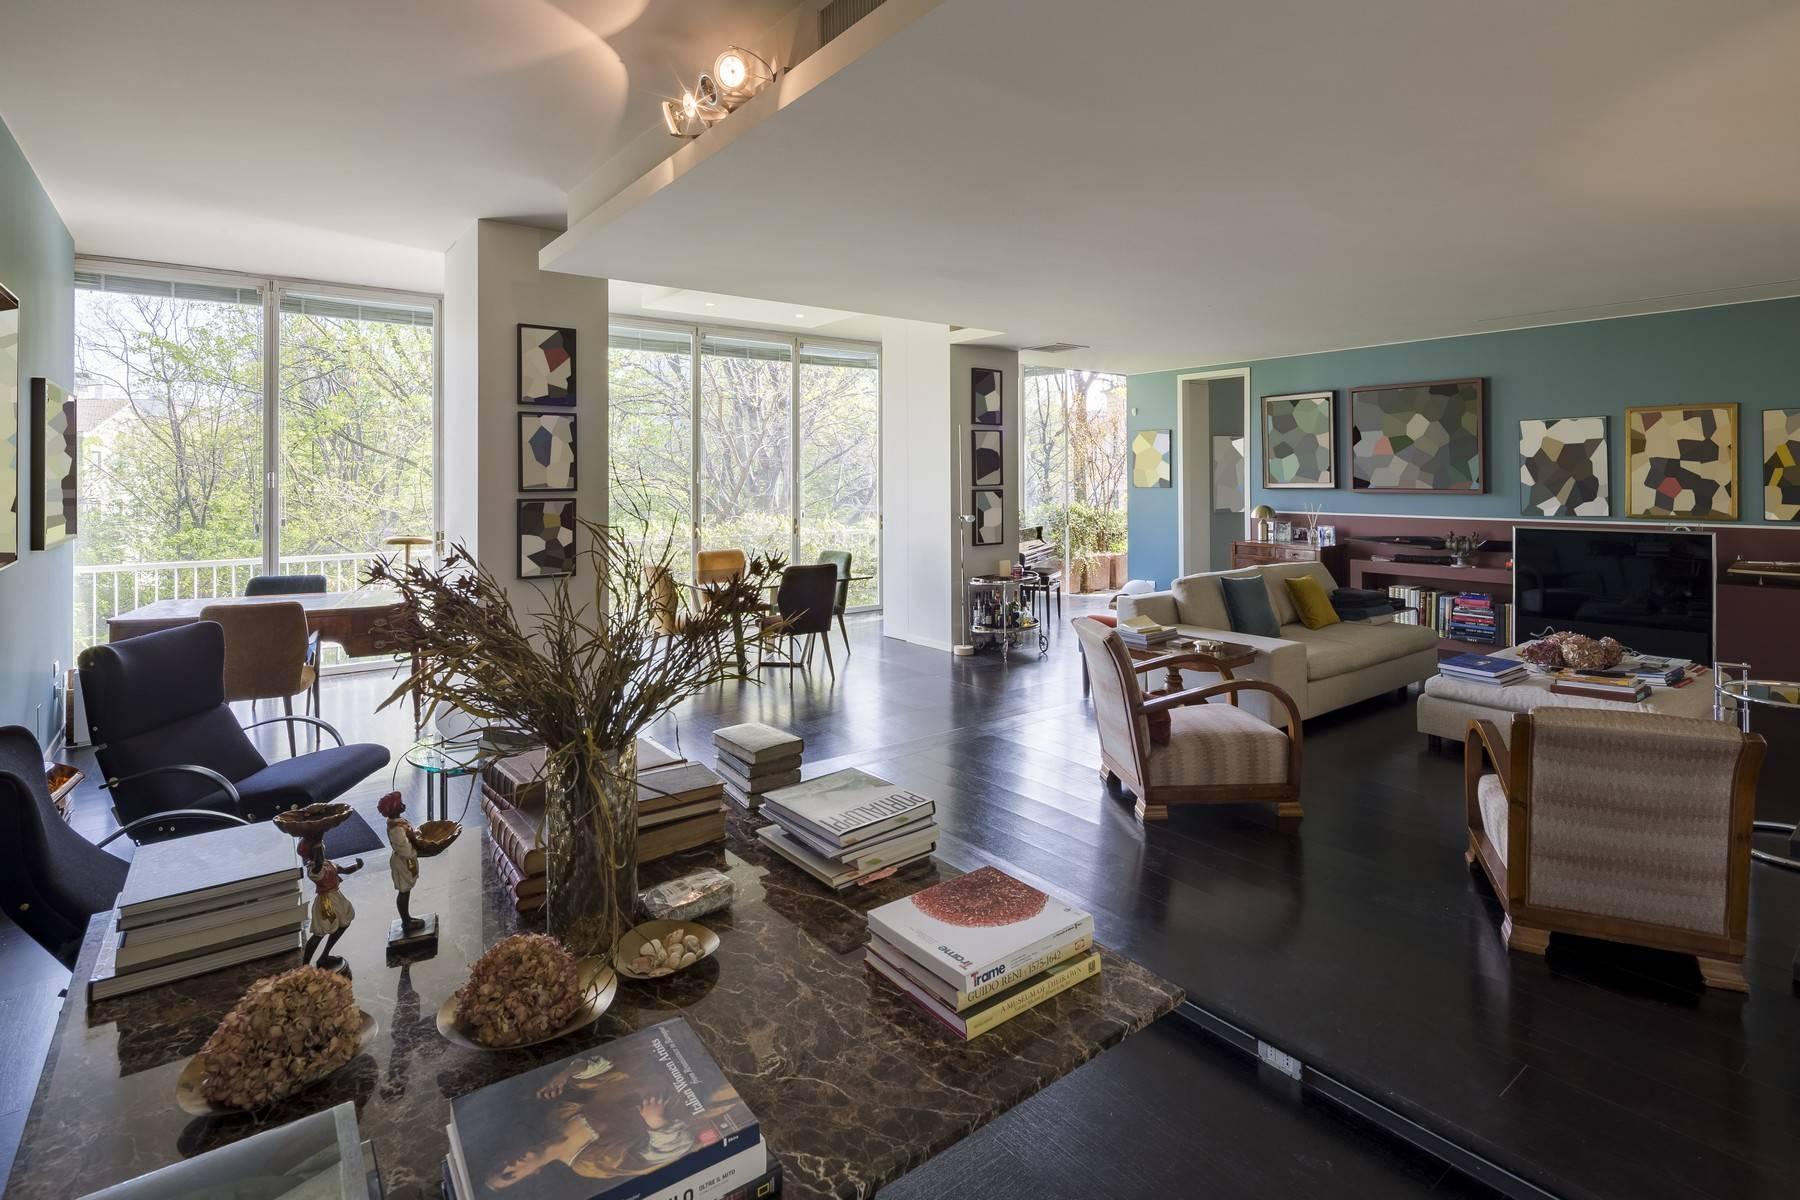 Magnifique appartement à louer d'environ 300 m² au coeur de Milan - 1